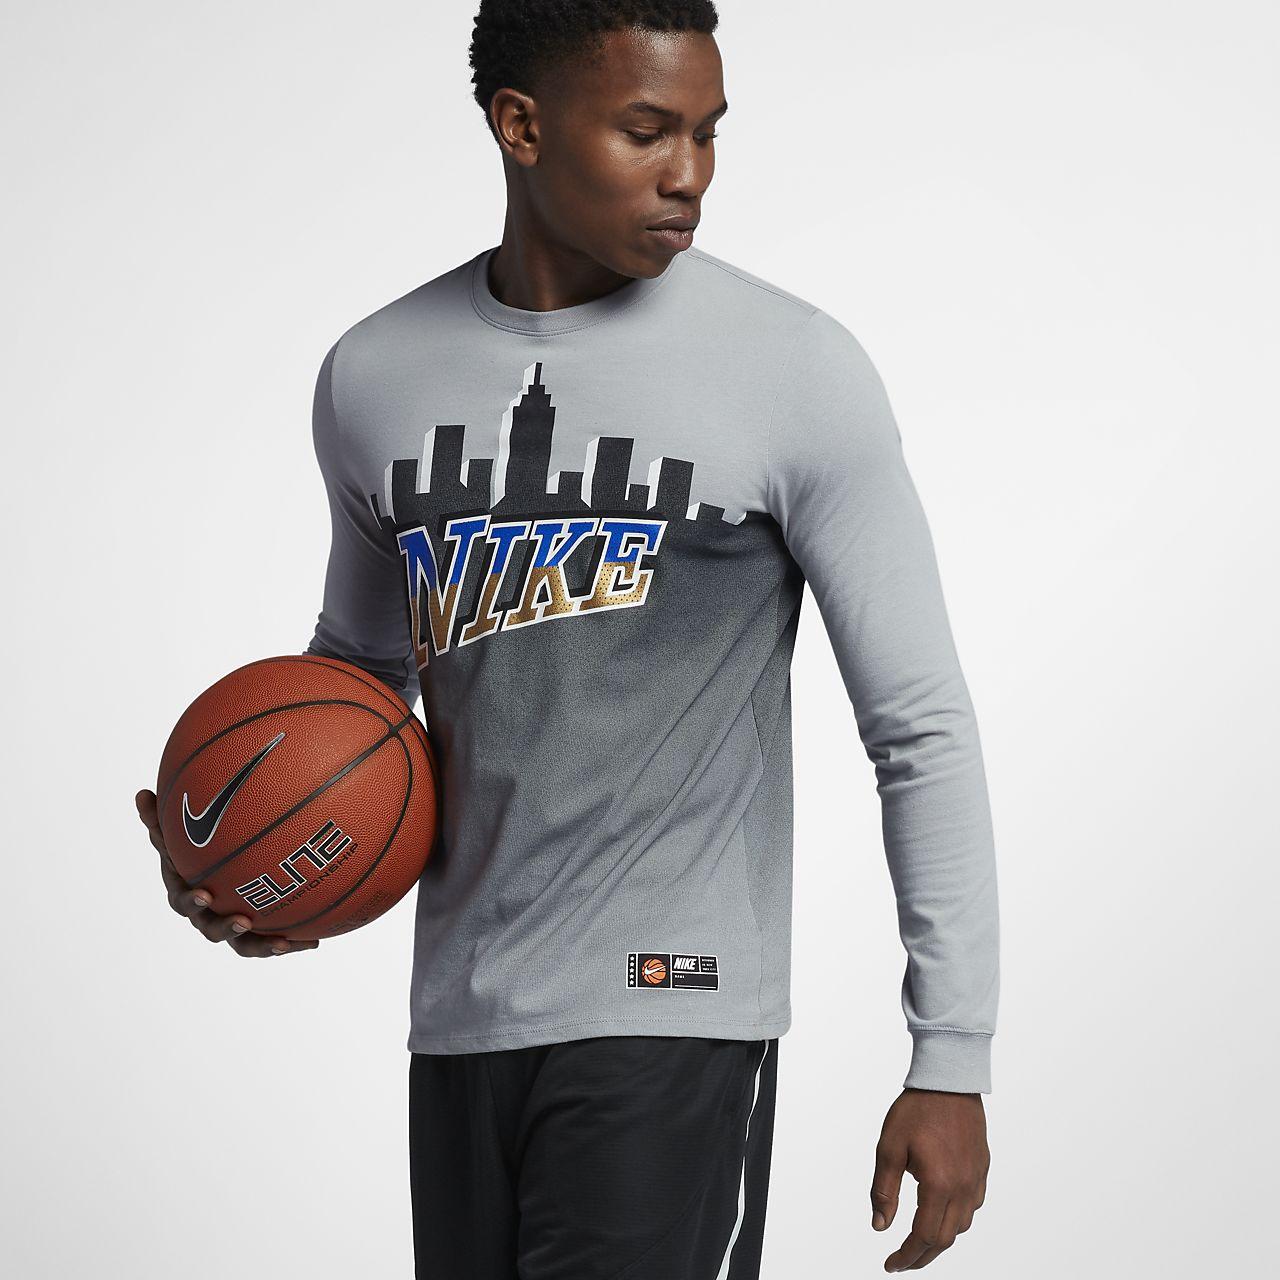 vente de faux Nike Chaussettes Hommes Dri Fit Maillot De Basket-ball Noir ordre de jeu 6z2MeD5bsk